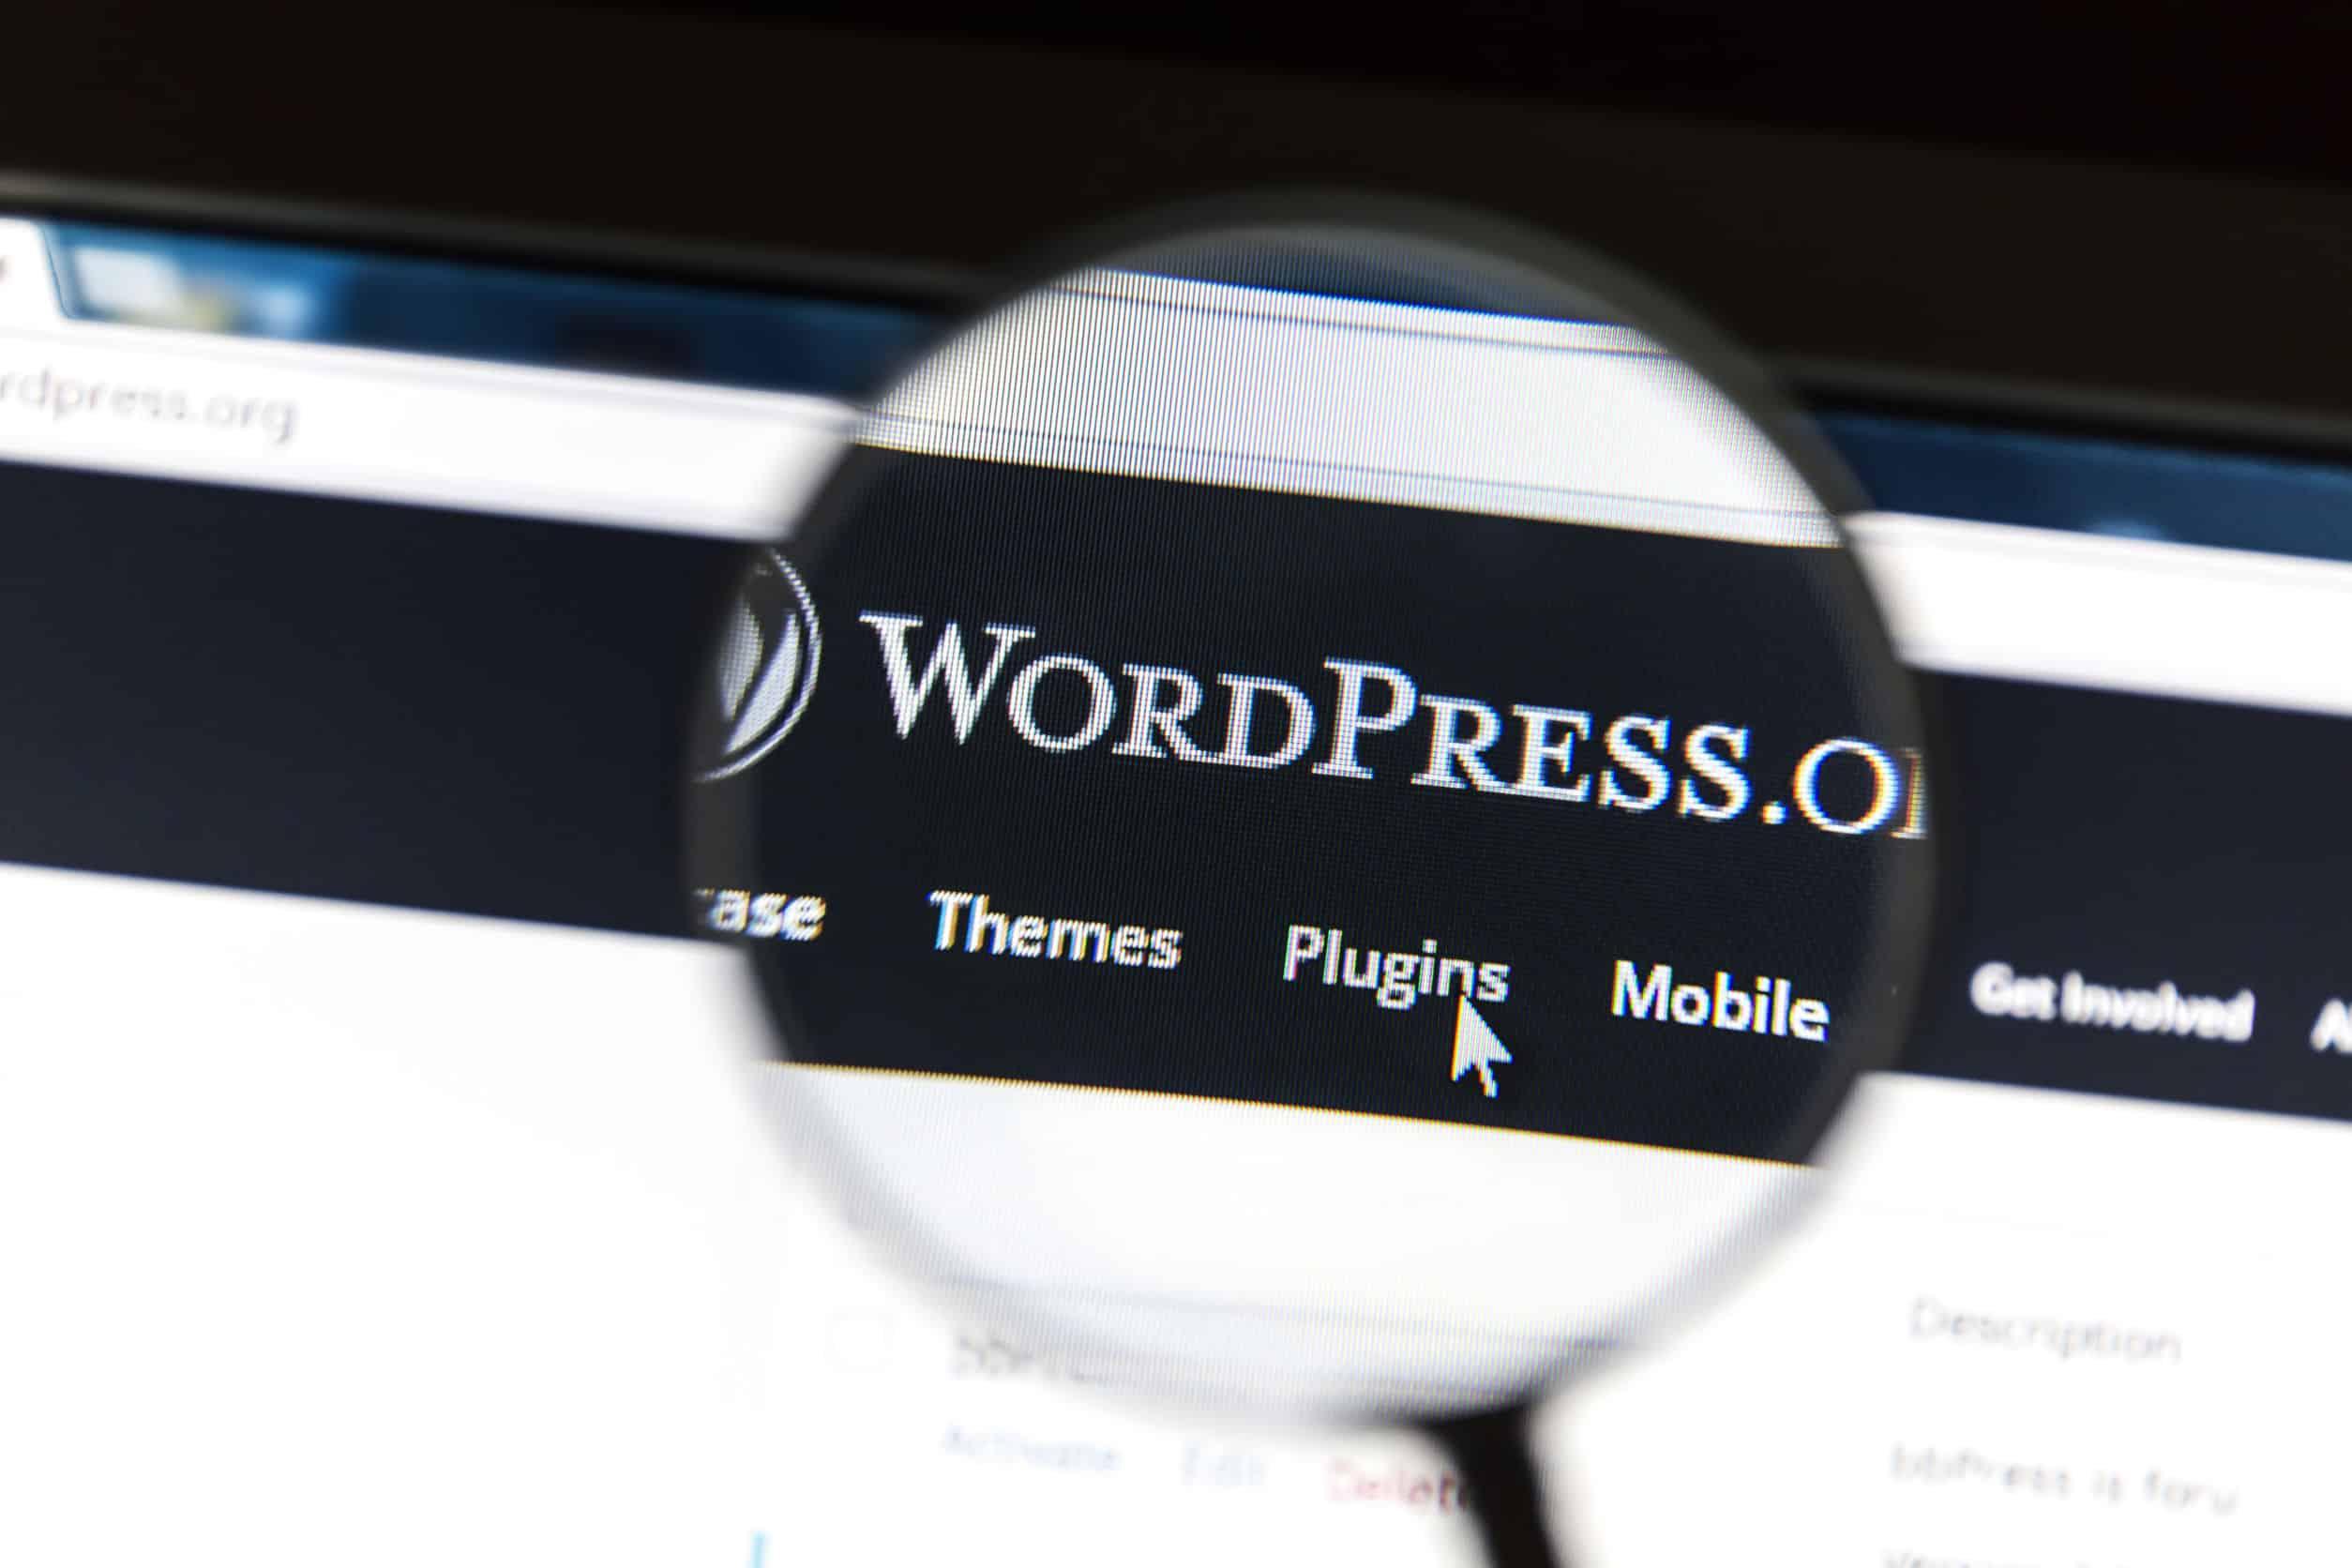 WordPress-Hosting: Test & Empfehlungen (01/21)